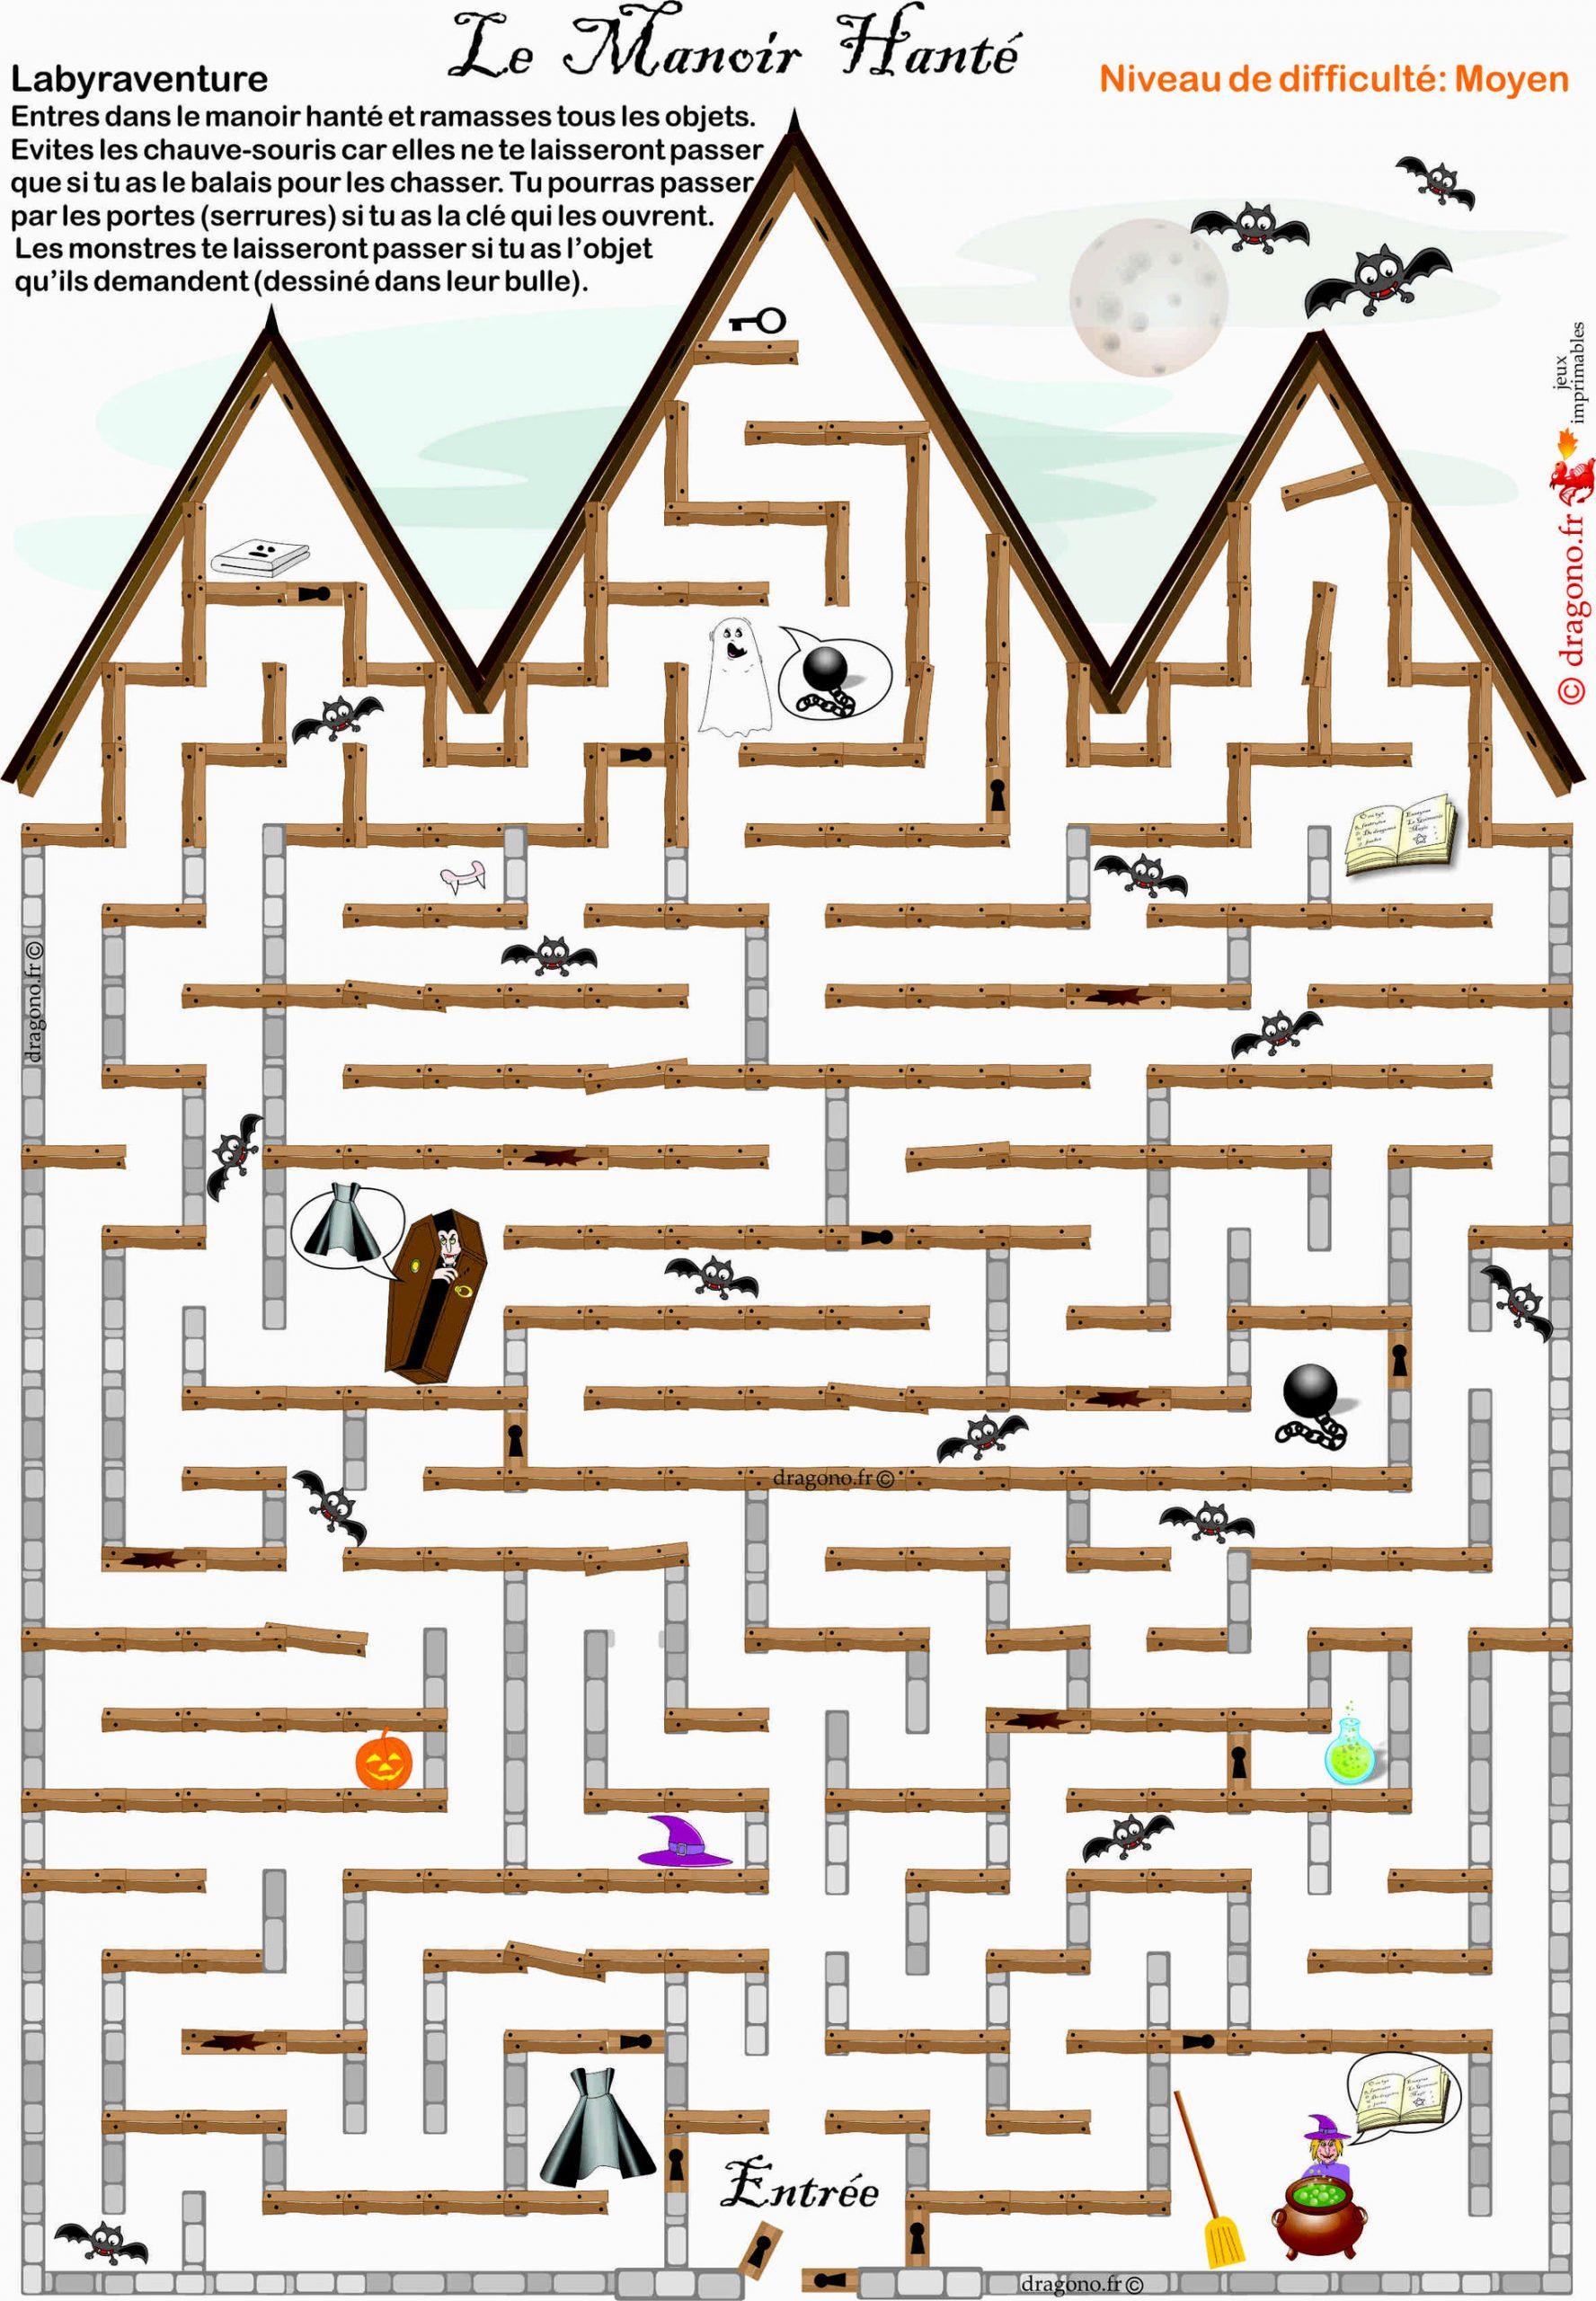 Labyrinthe À Imprimer Pour Halloween - Dragono.fr concernant Labyrinthes À Imprimer